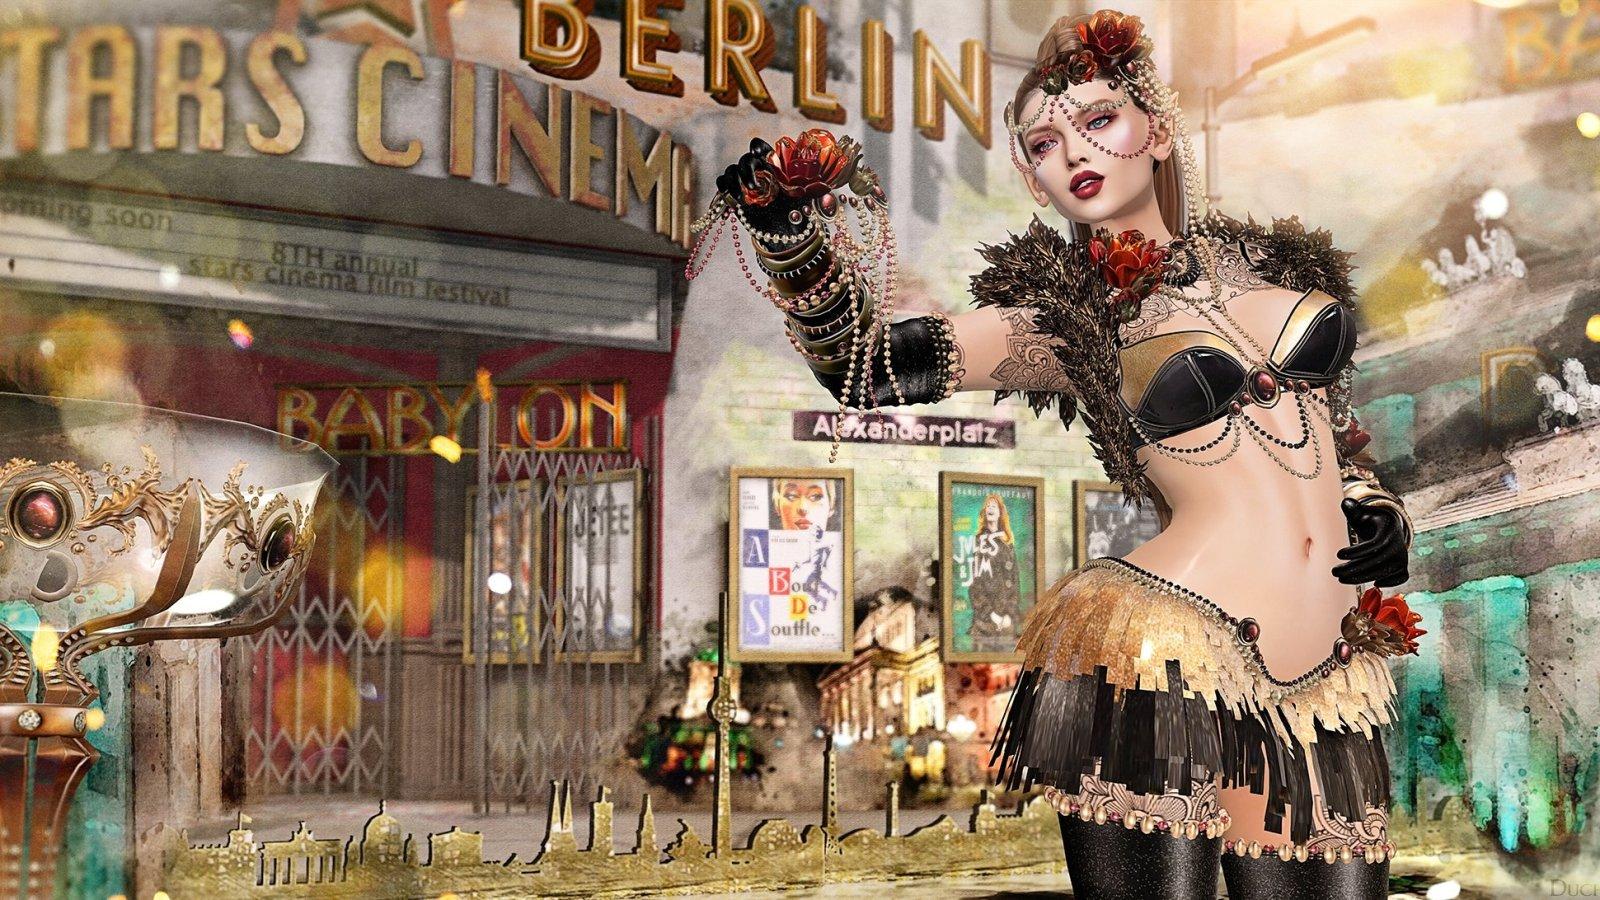 Stars Cinema